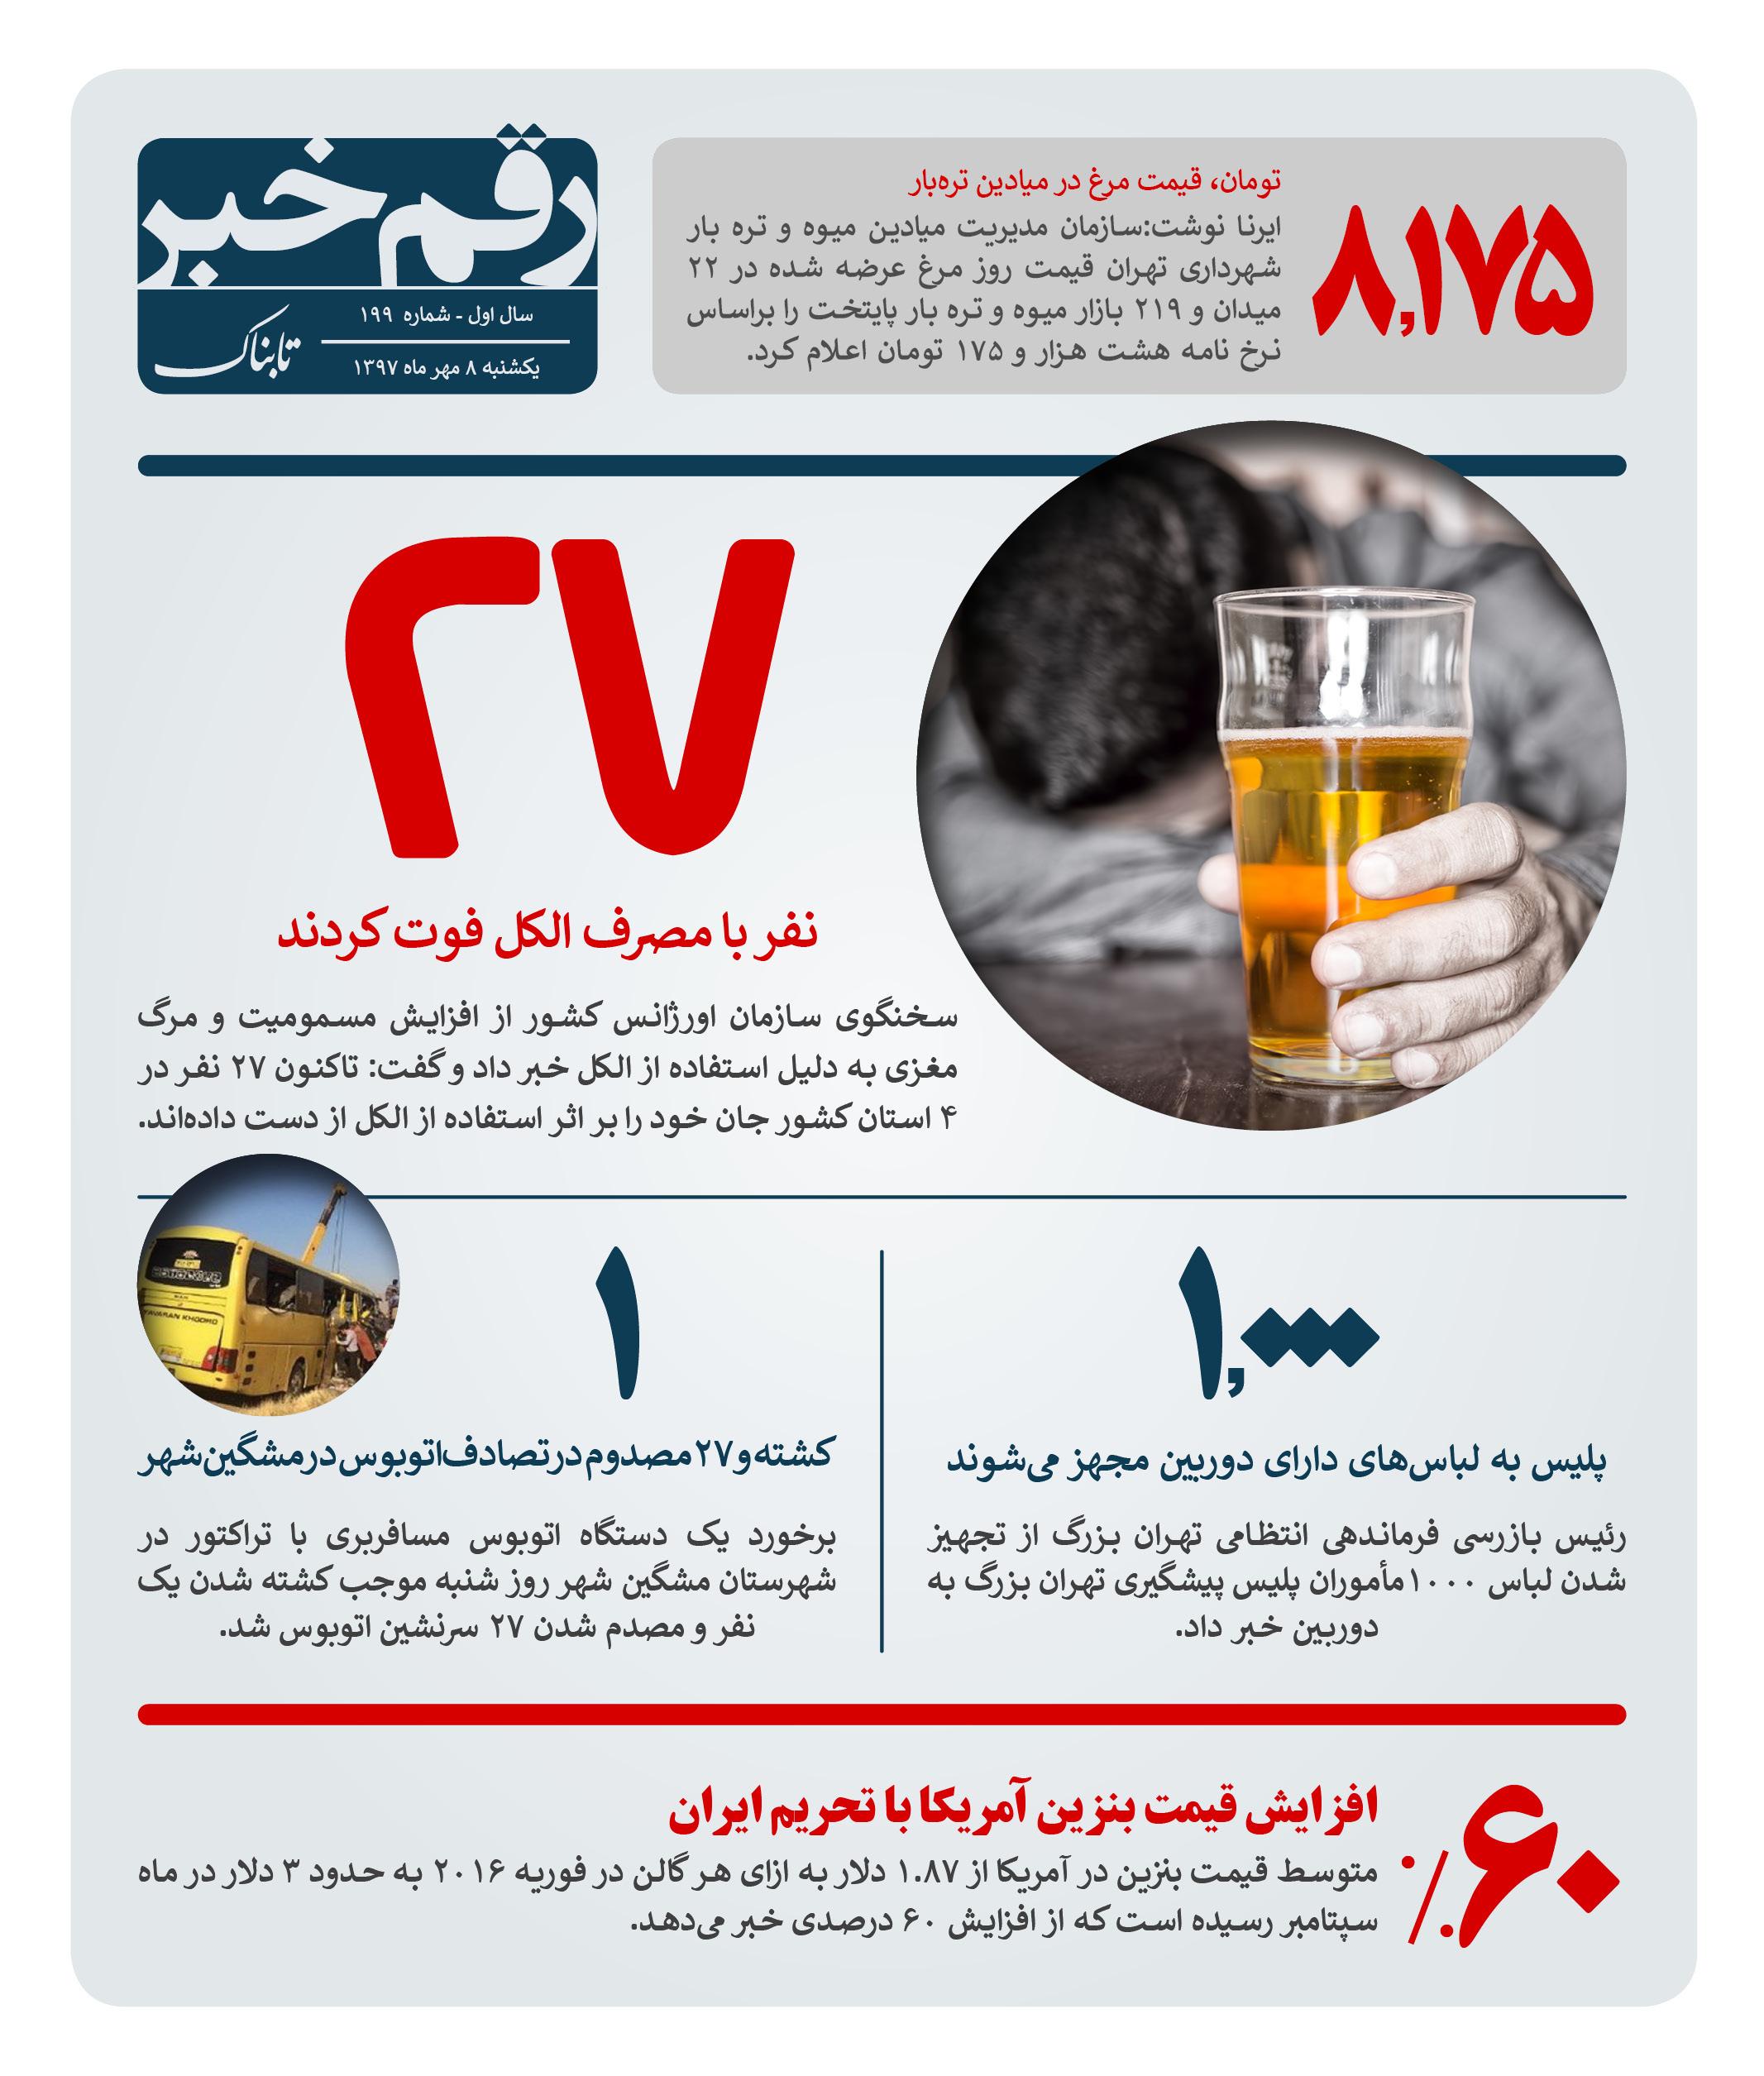 افزایش قیمت بنزین در آمریکا با تحریم ایران